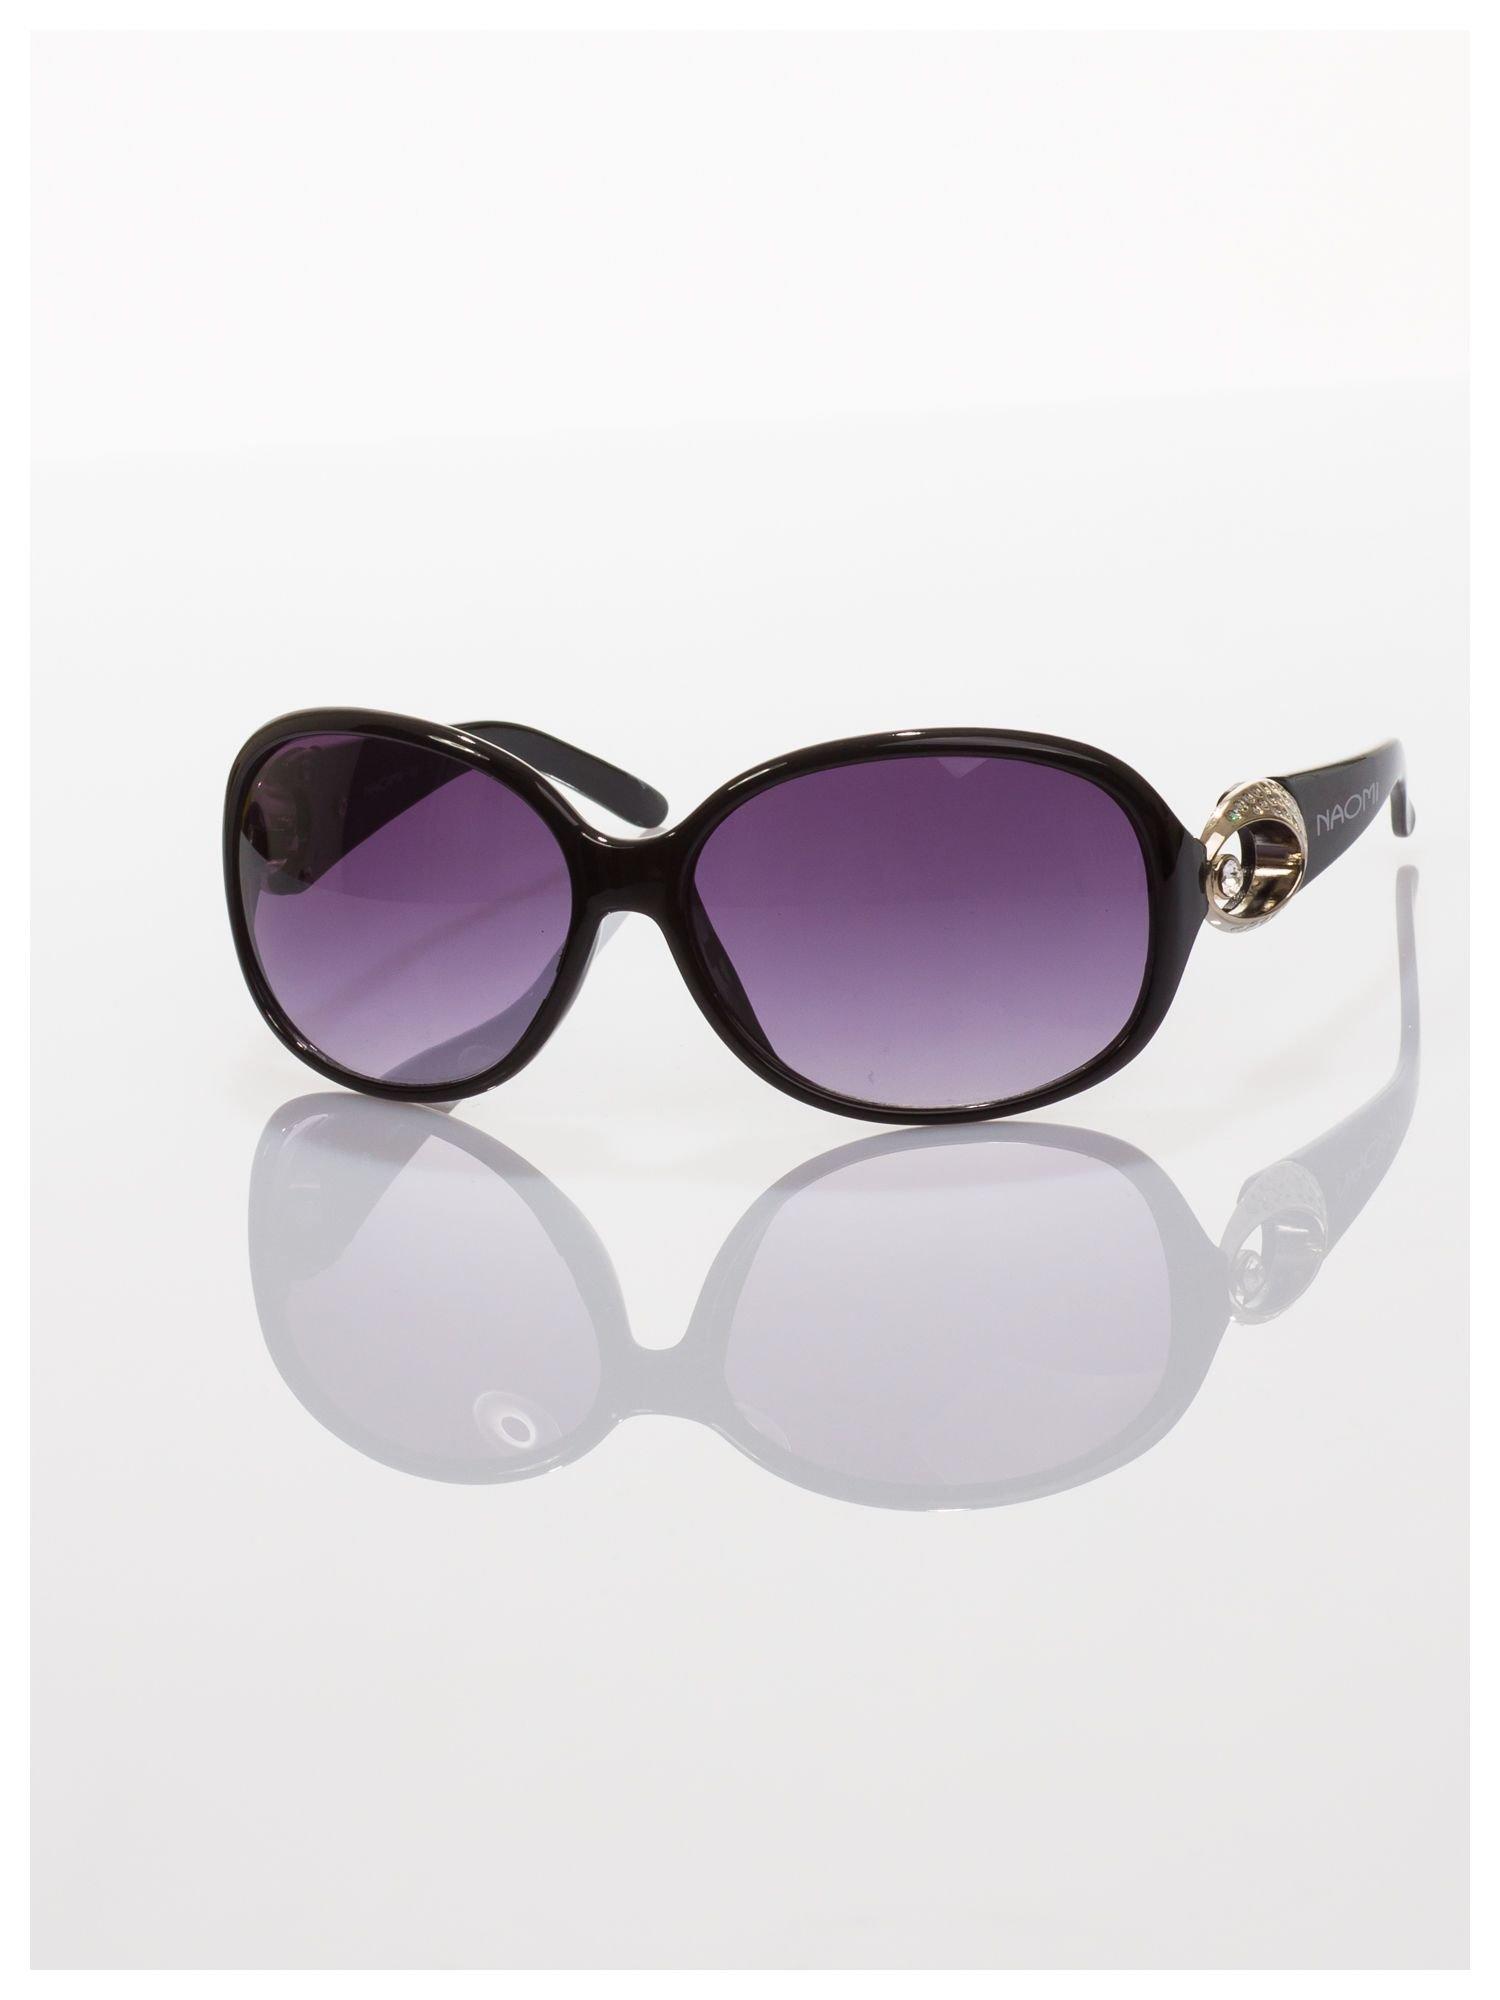 Czarne klasyczne okulary w sytlu MUCHY                                  zdj.                                  2